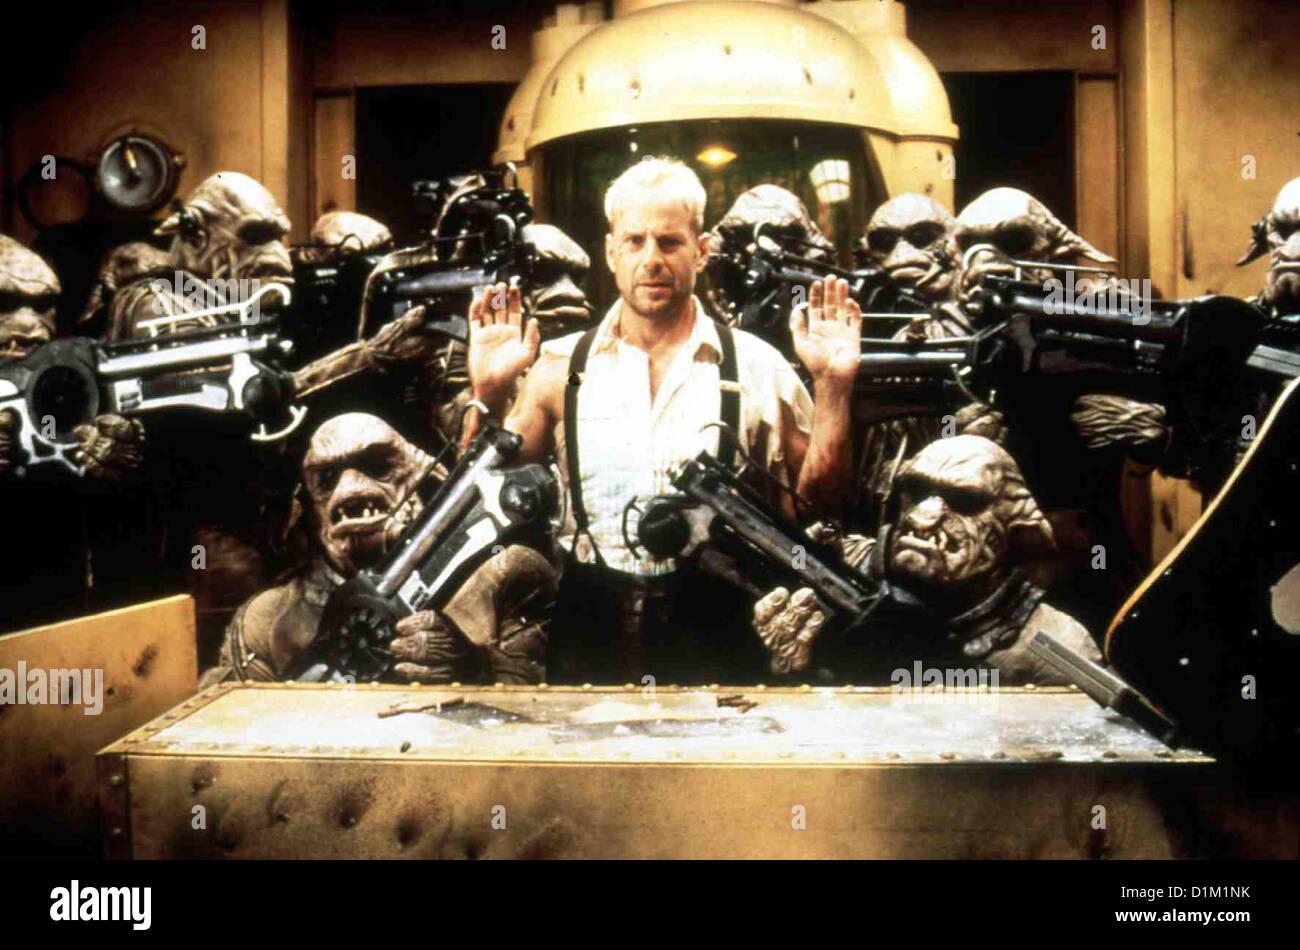 Das Fuenfte Element  Fifth Element,  Bruce Willis Korben Dallas (Bruce Willis,m), Ex-Mitglied einer Eliteeinheit - Stock Image